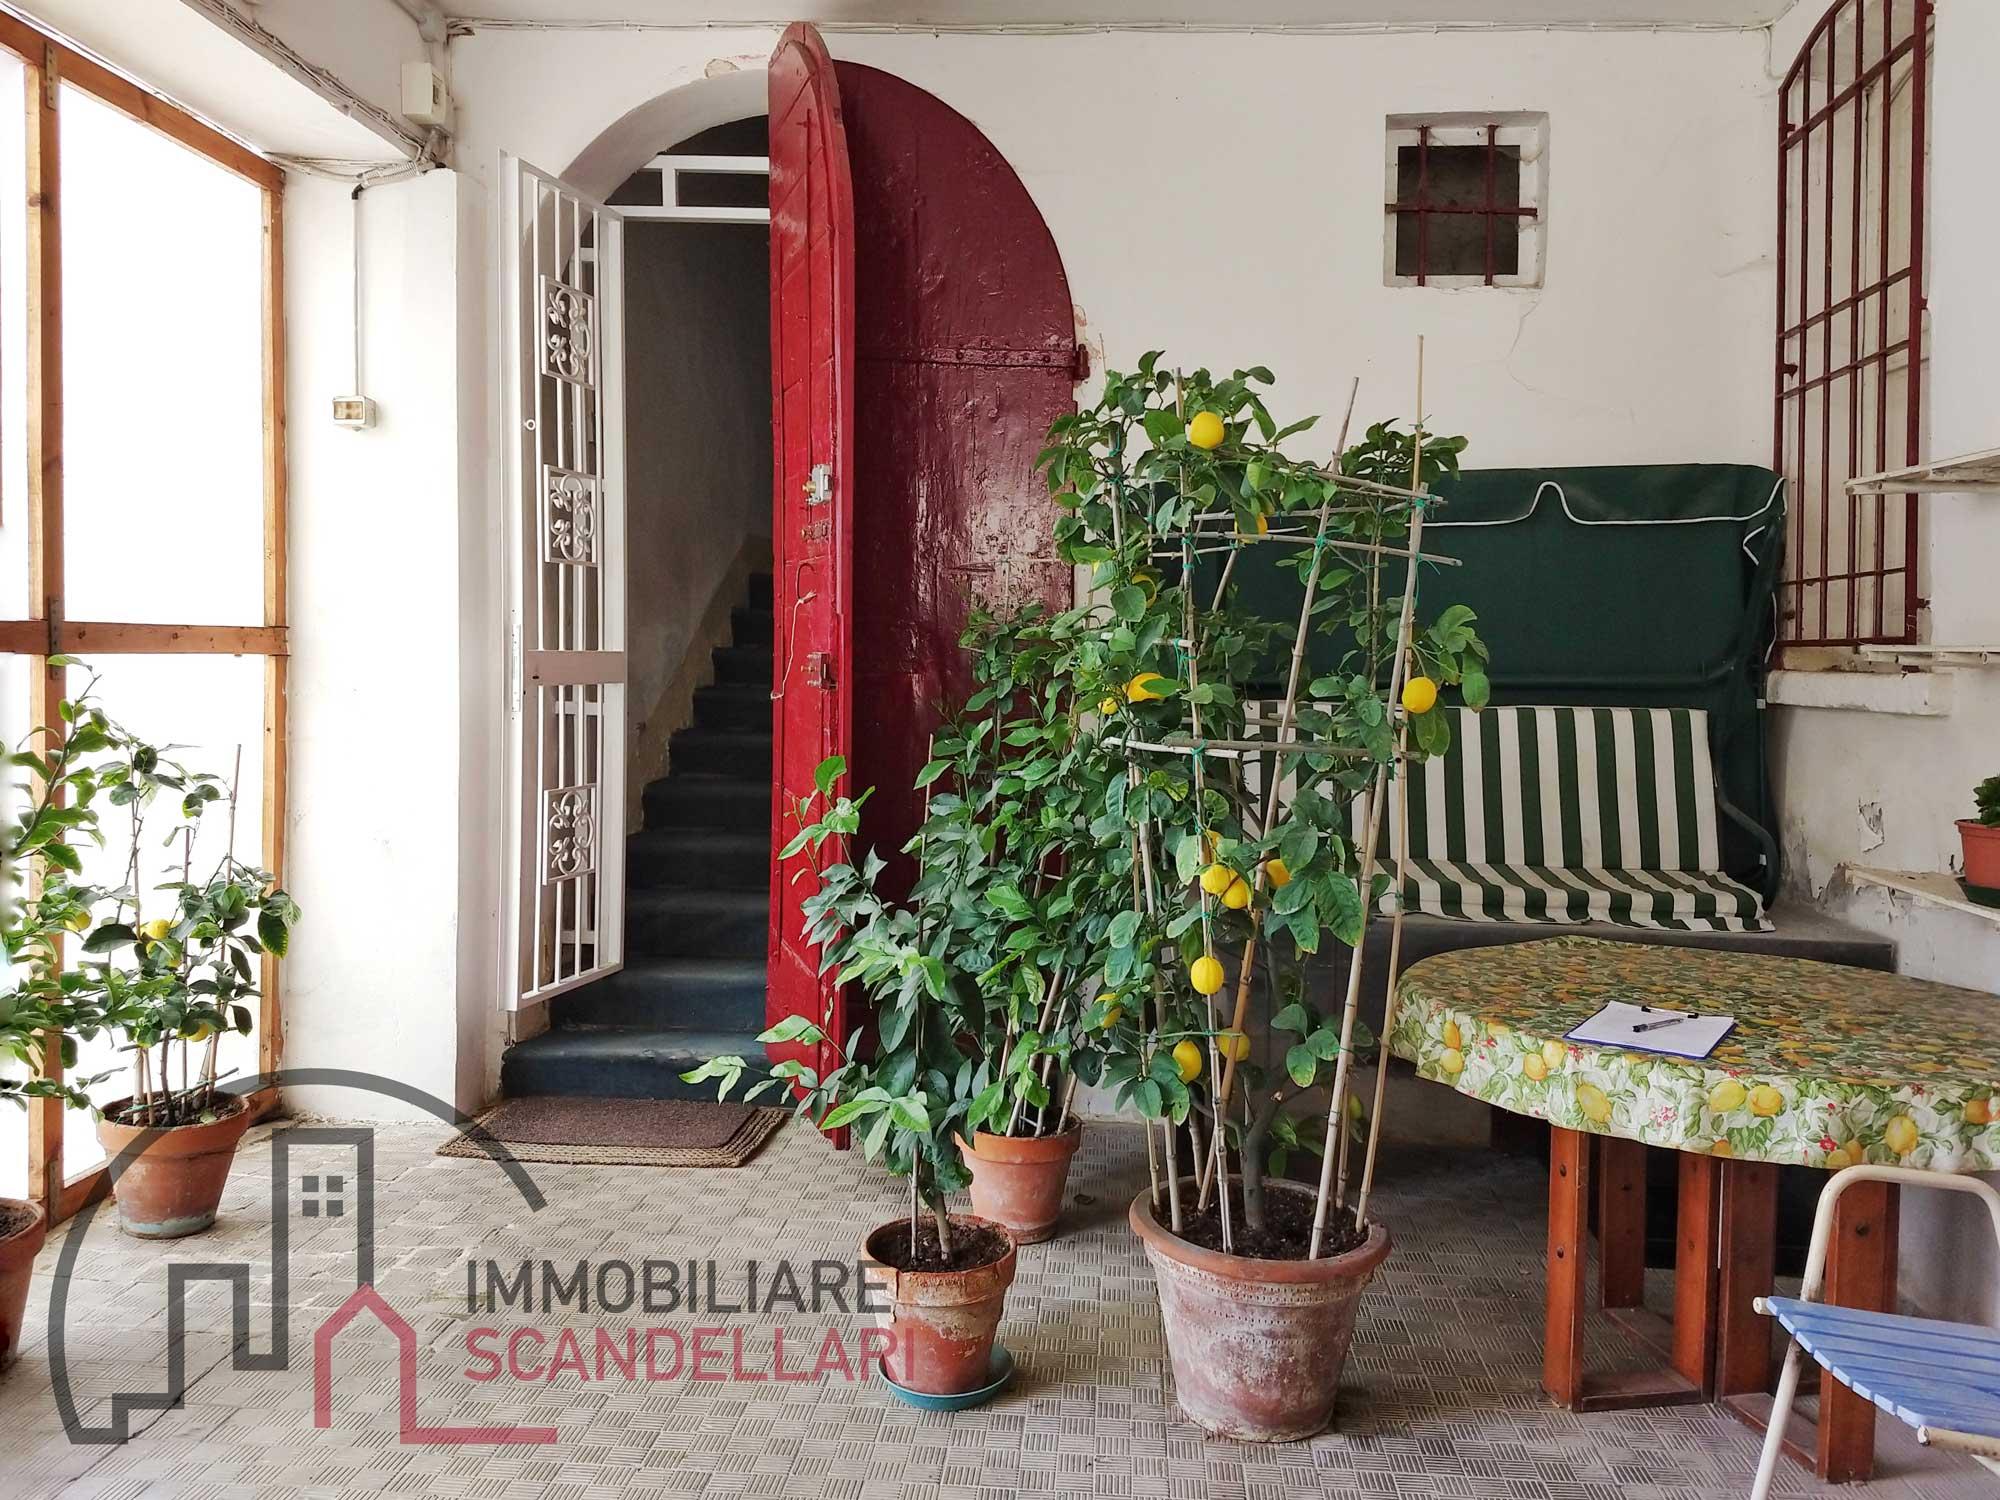 Rimini San Lorenzo in Correggiano - Villa dell'800 - Immobiliare Scandellari